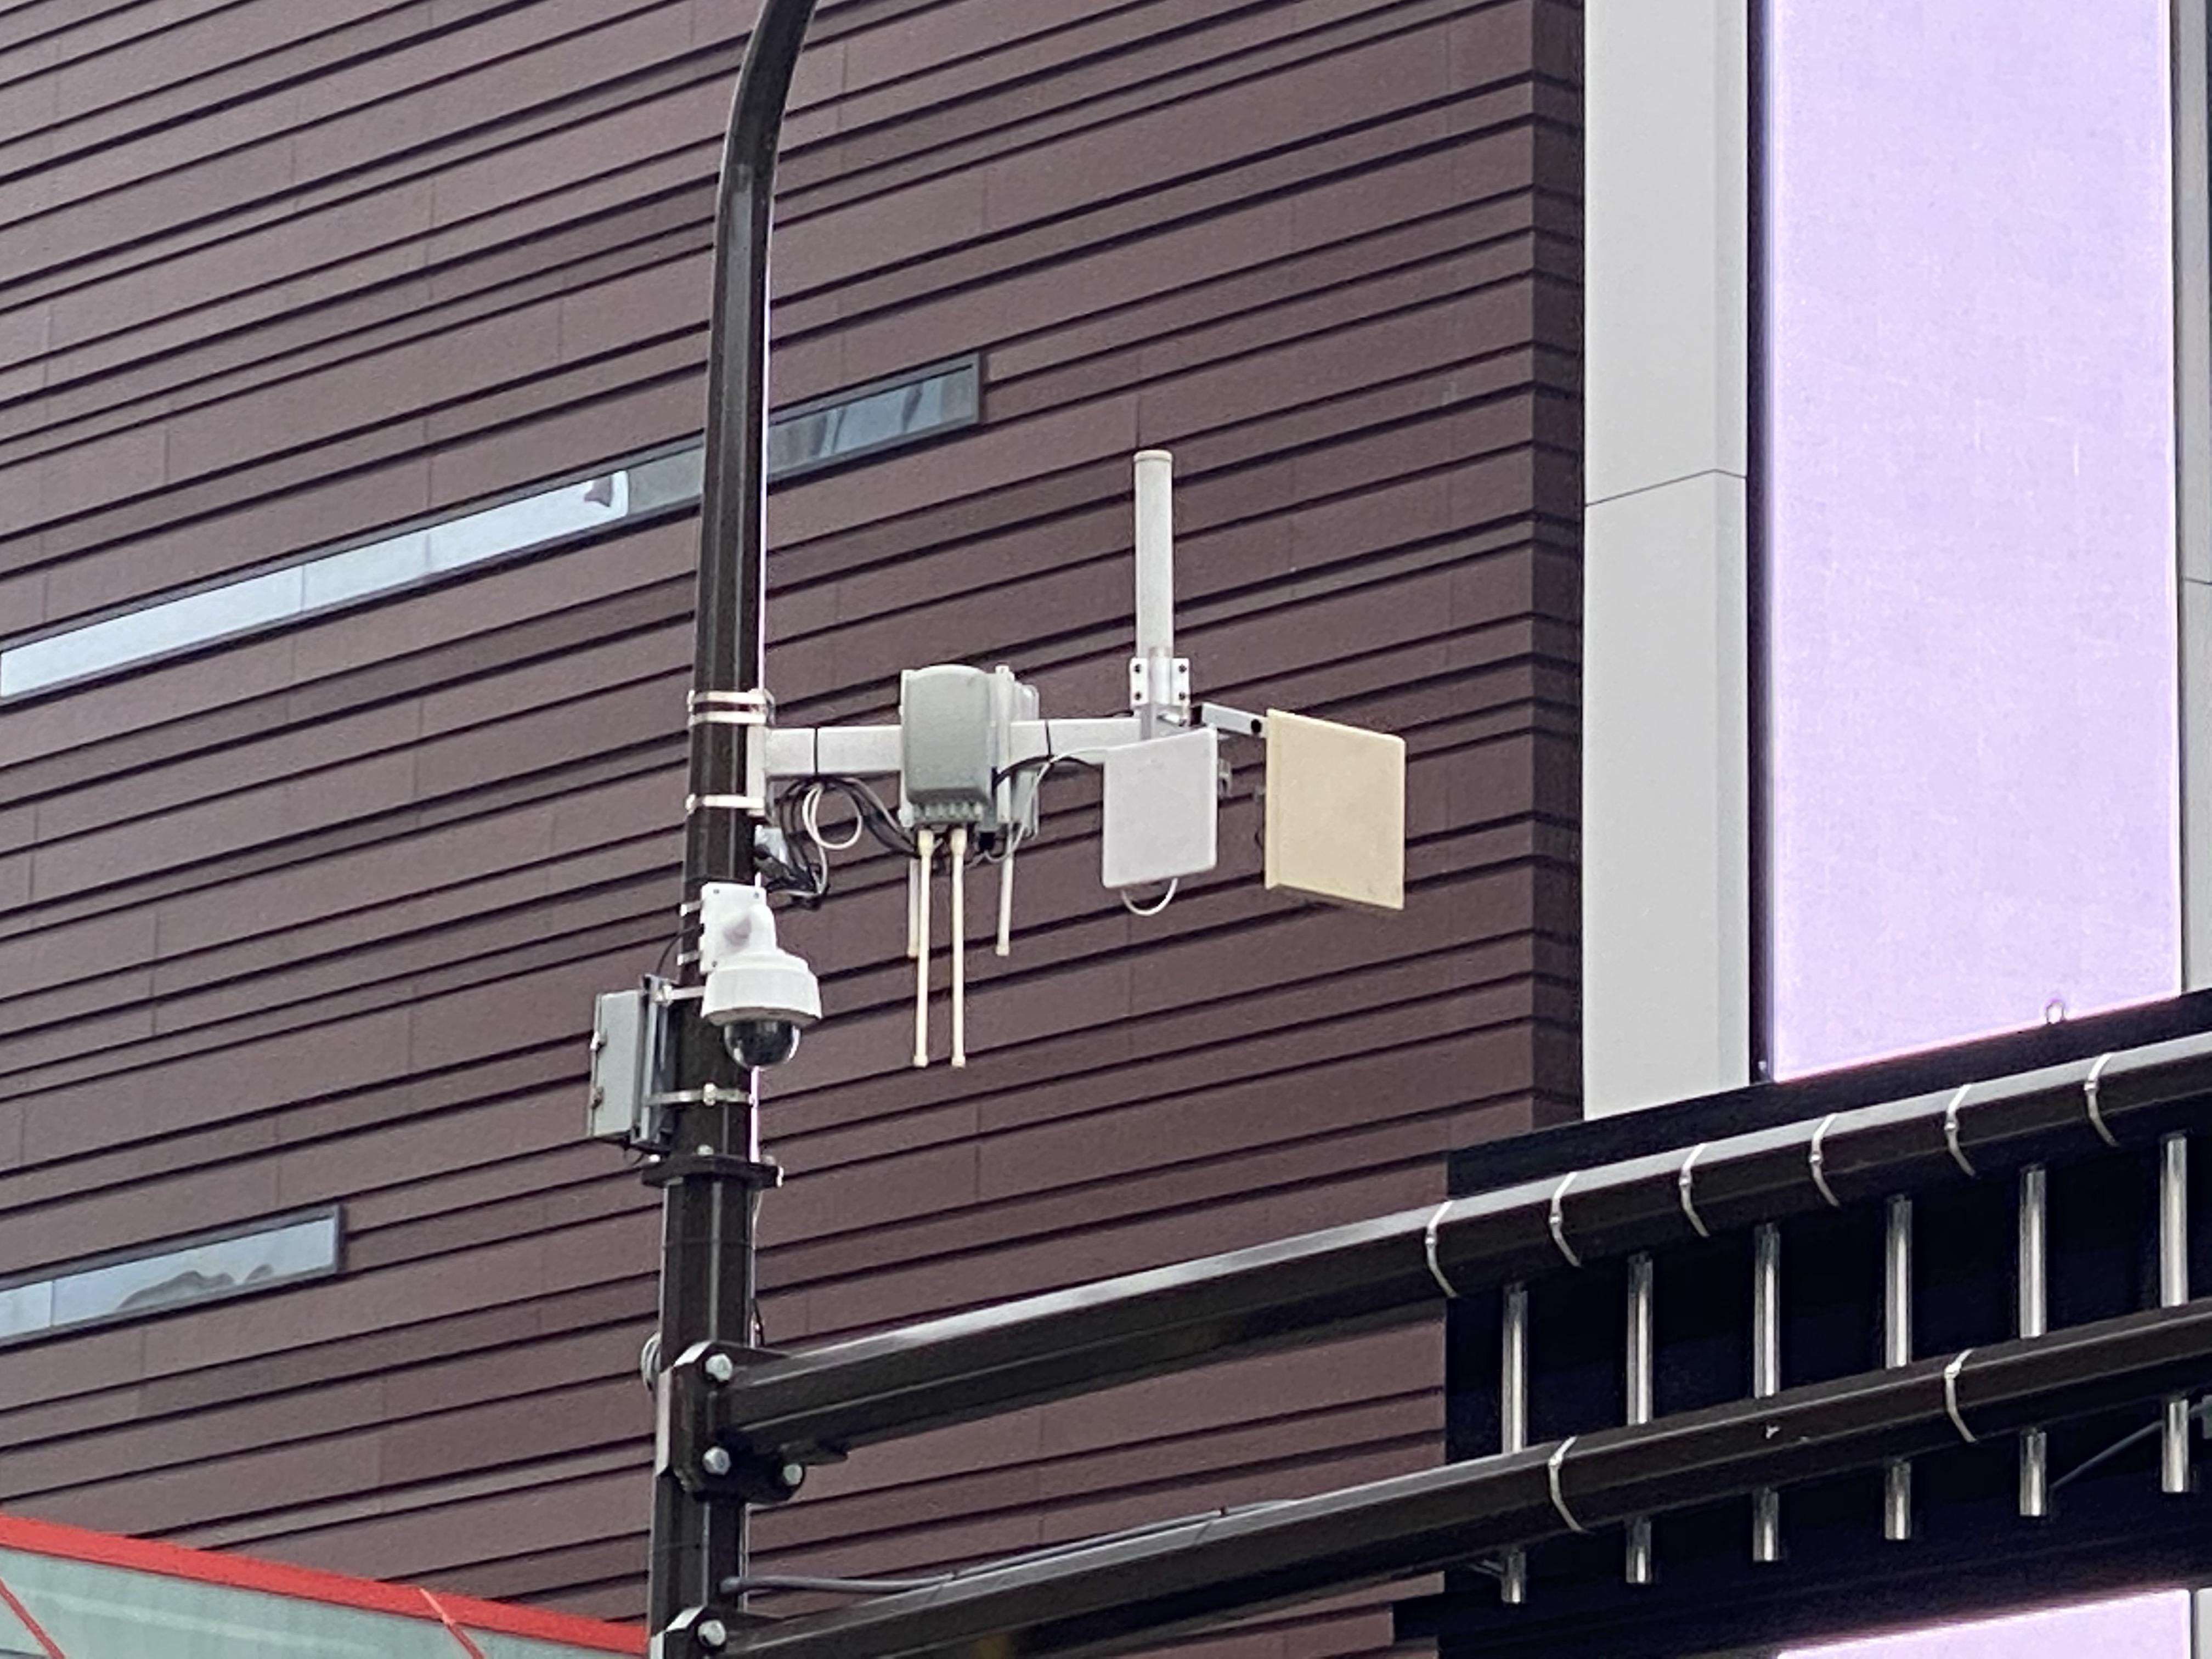 Sensors & Cameras